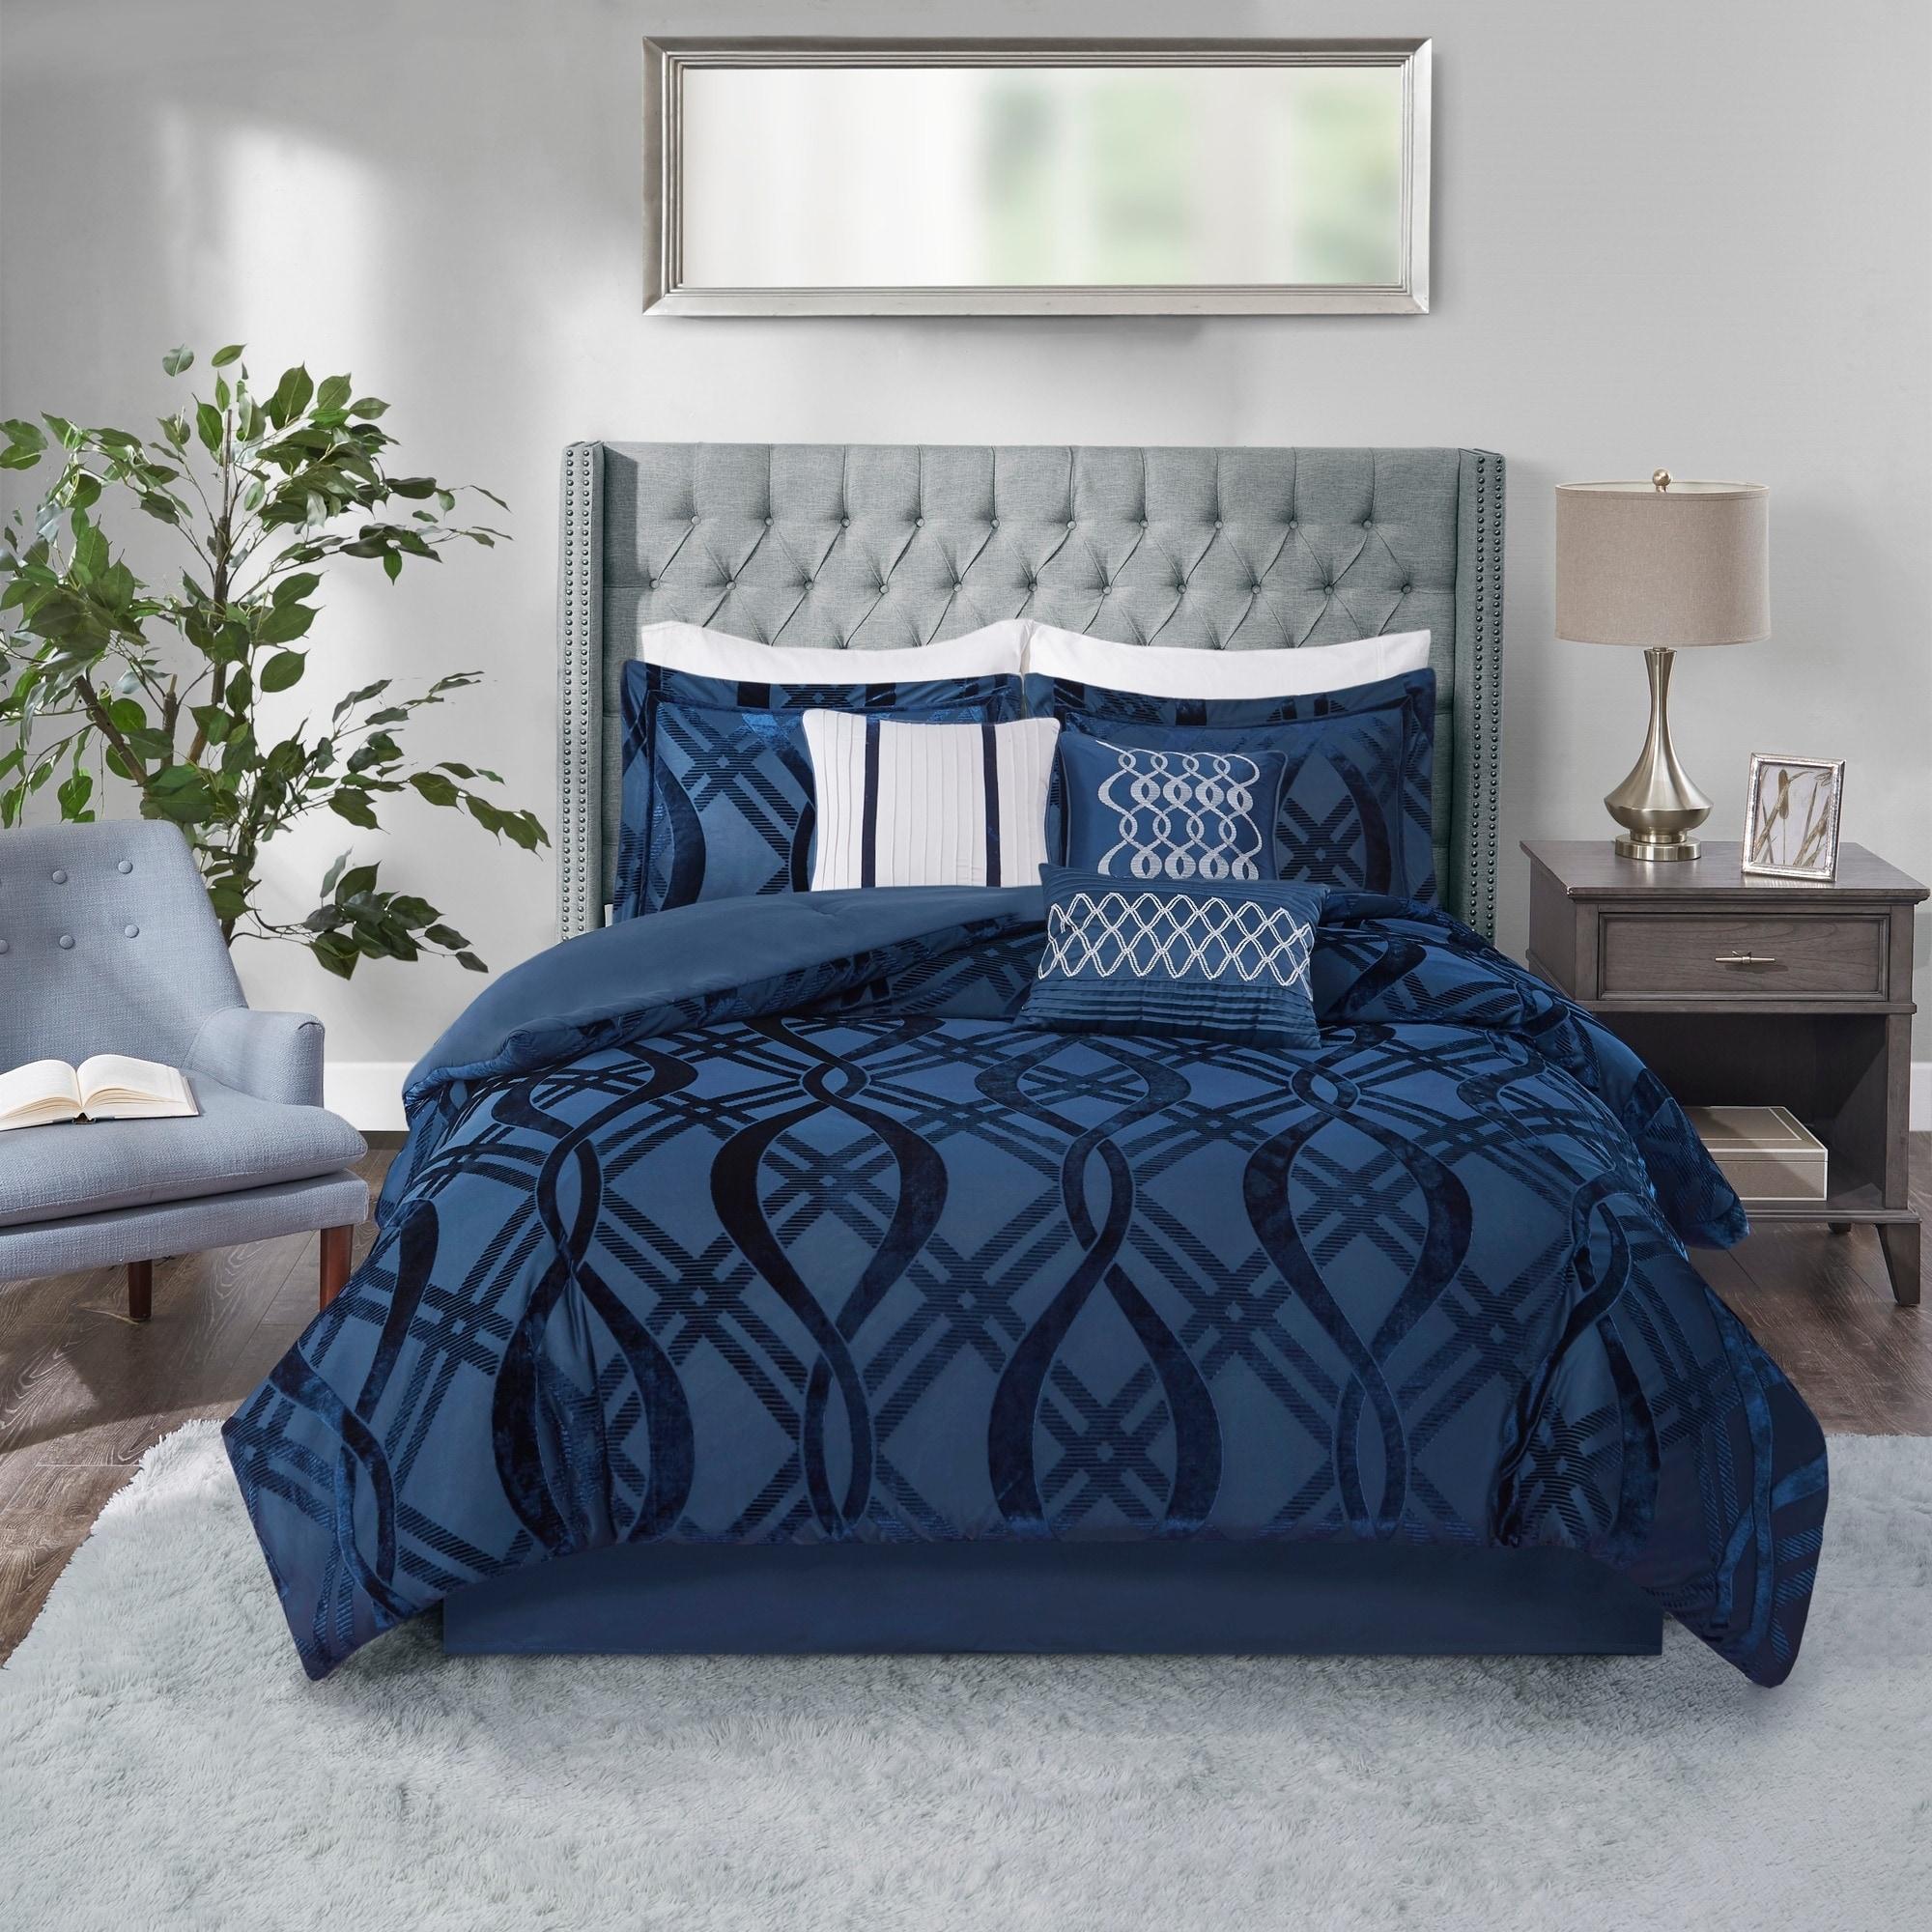 Shop Black Friday Deals On Madison Park Elise Navy 7 Piece Velvet Comforter Set Overstock 30566638